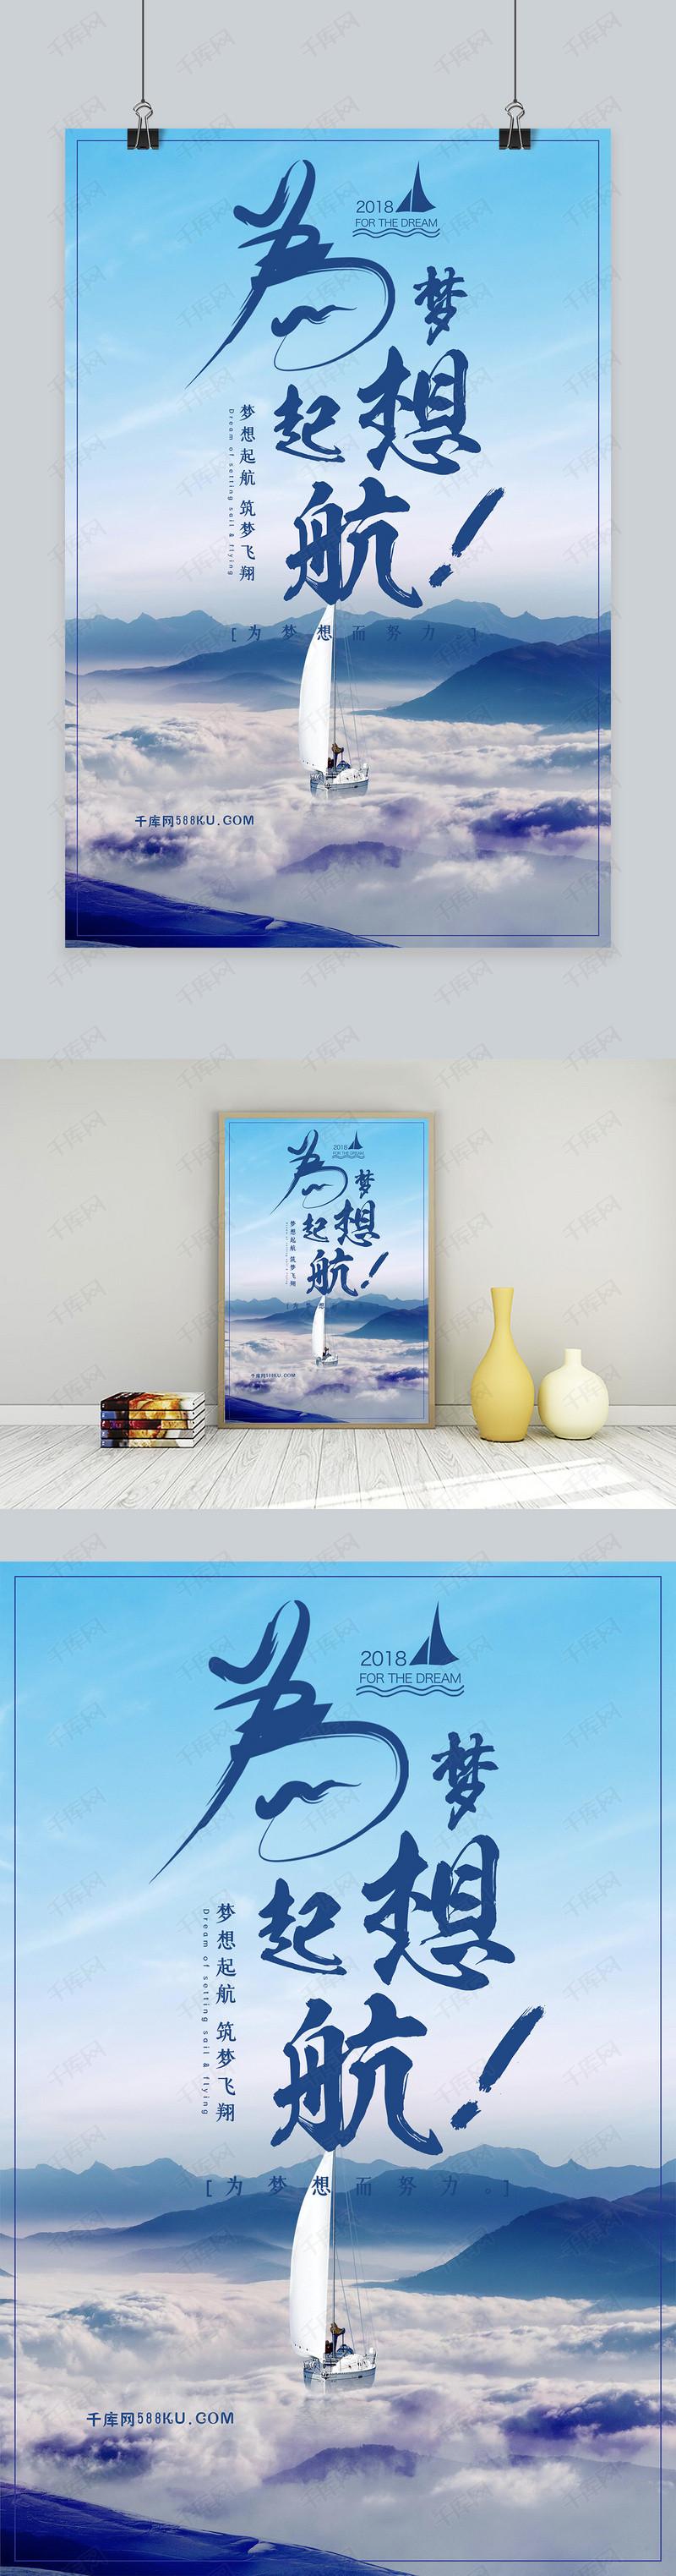 千库网原创企业文化梦想海报